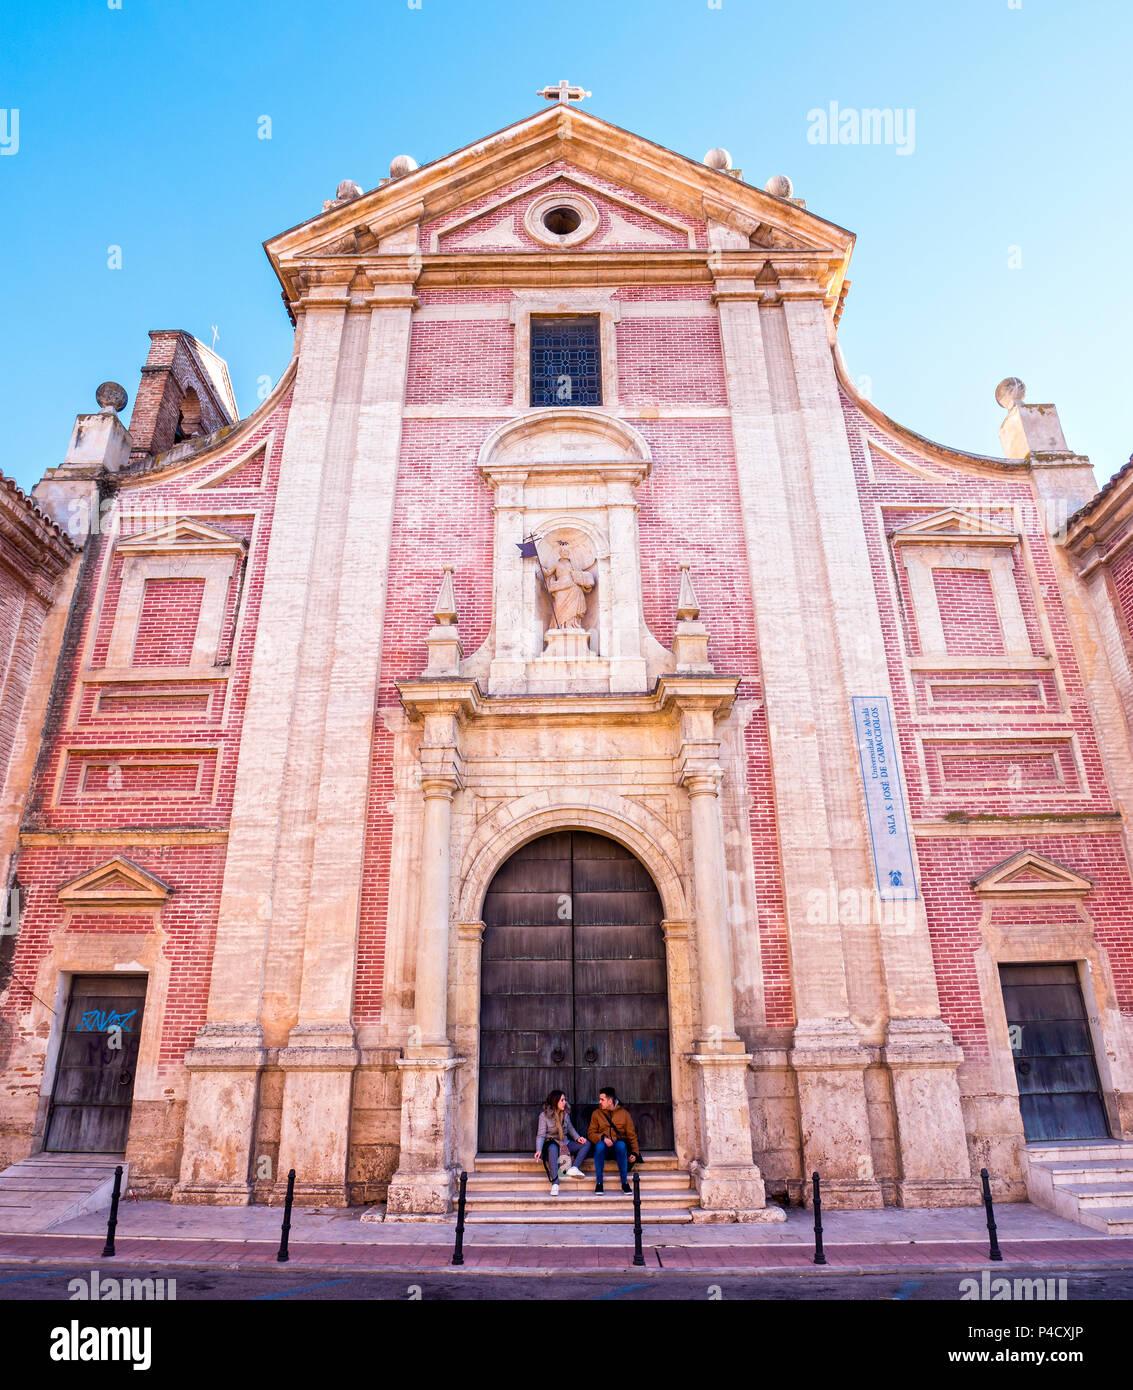 Colegio Convento de San José. Alcalá de Henares. Madrid. España Immagini Stock